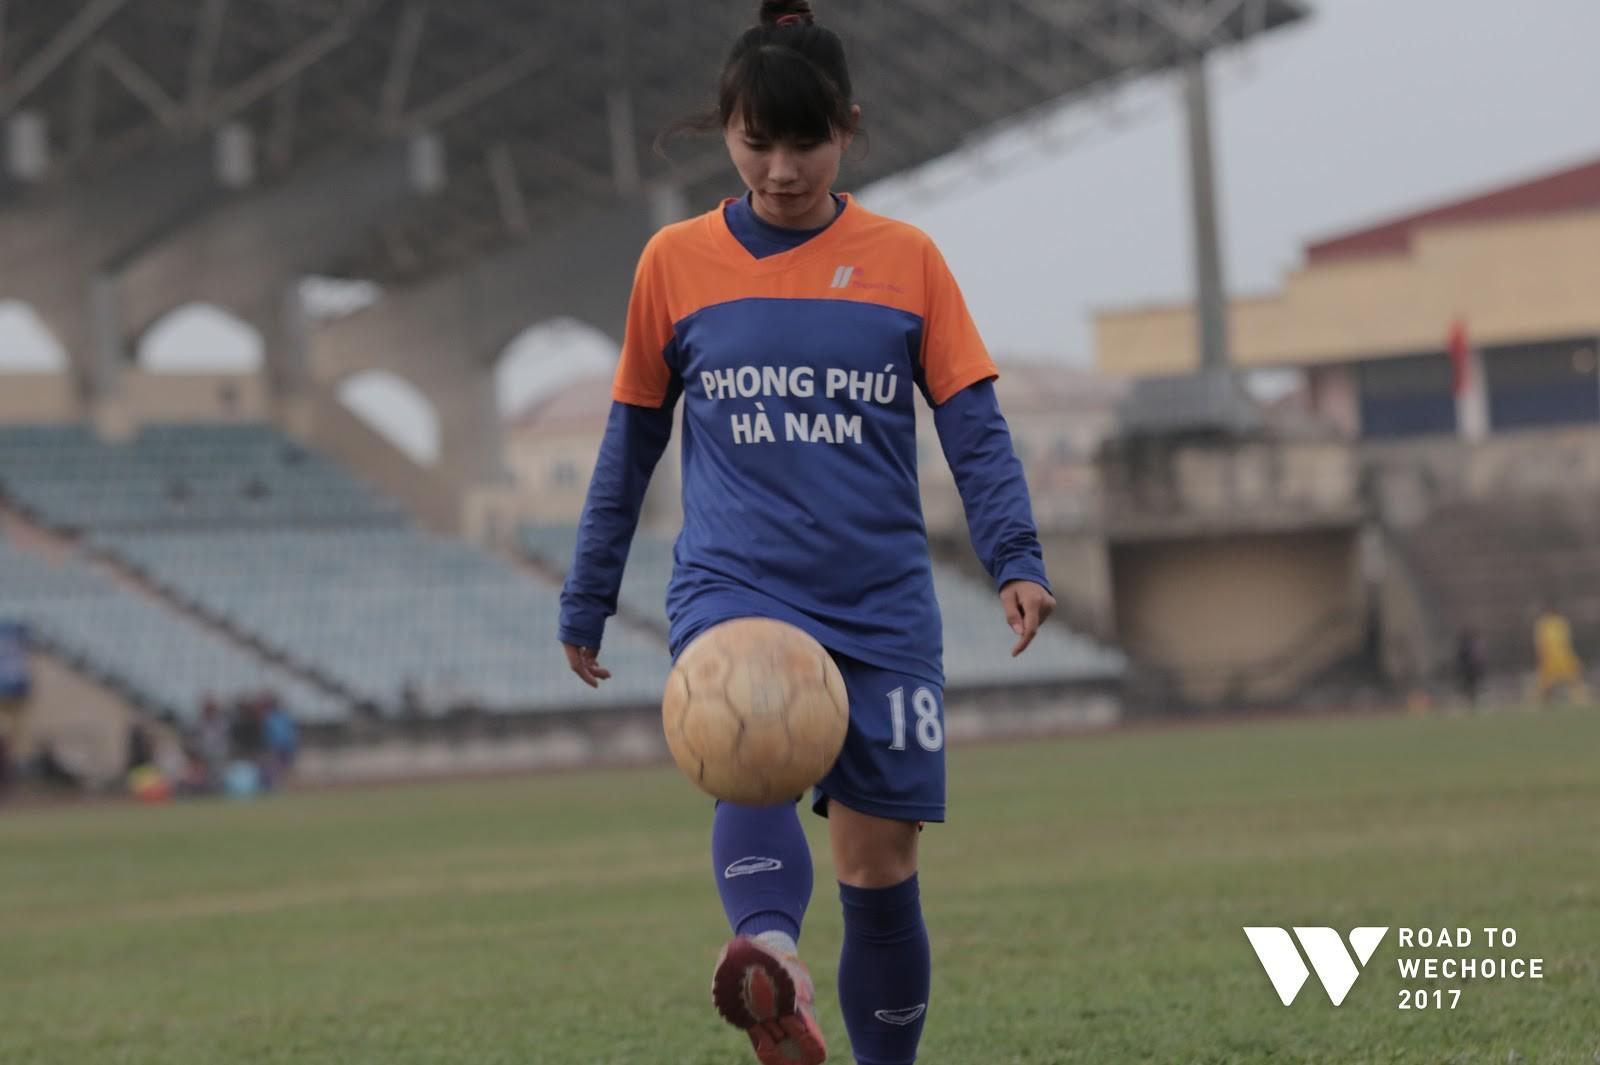 Nguyễn Thị Liễu: Hành trình vượt biến cố, trở thành người hùng cho bóng đá nữ - Ảnh 7.